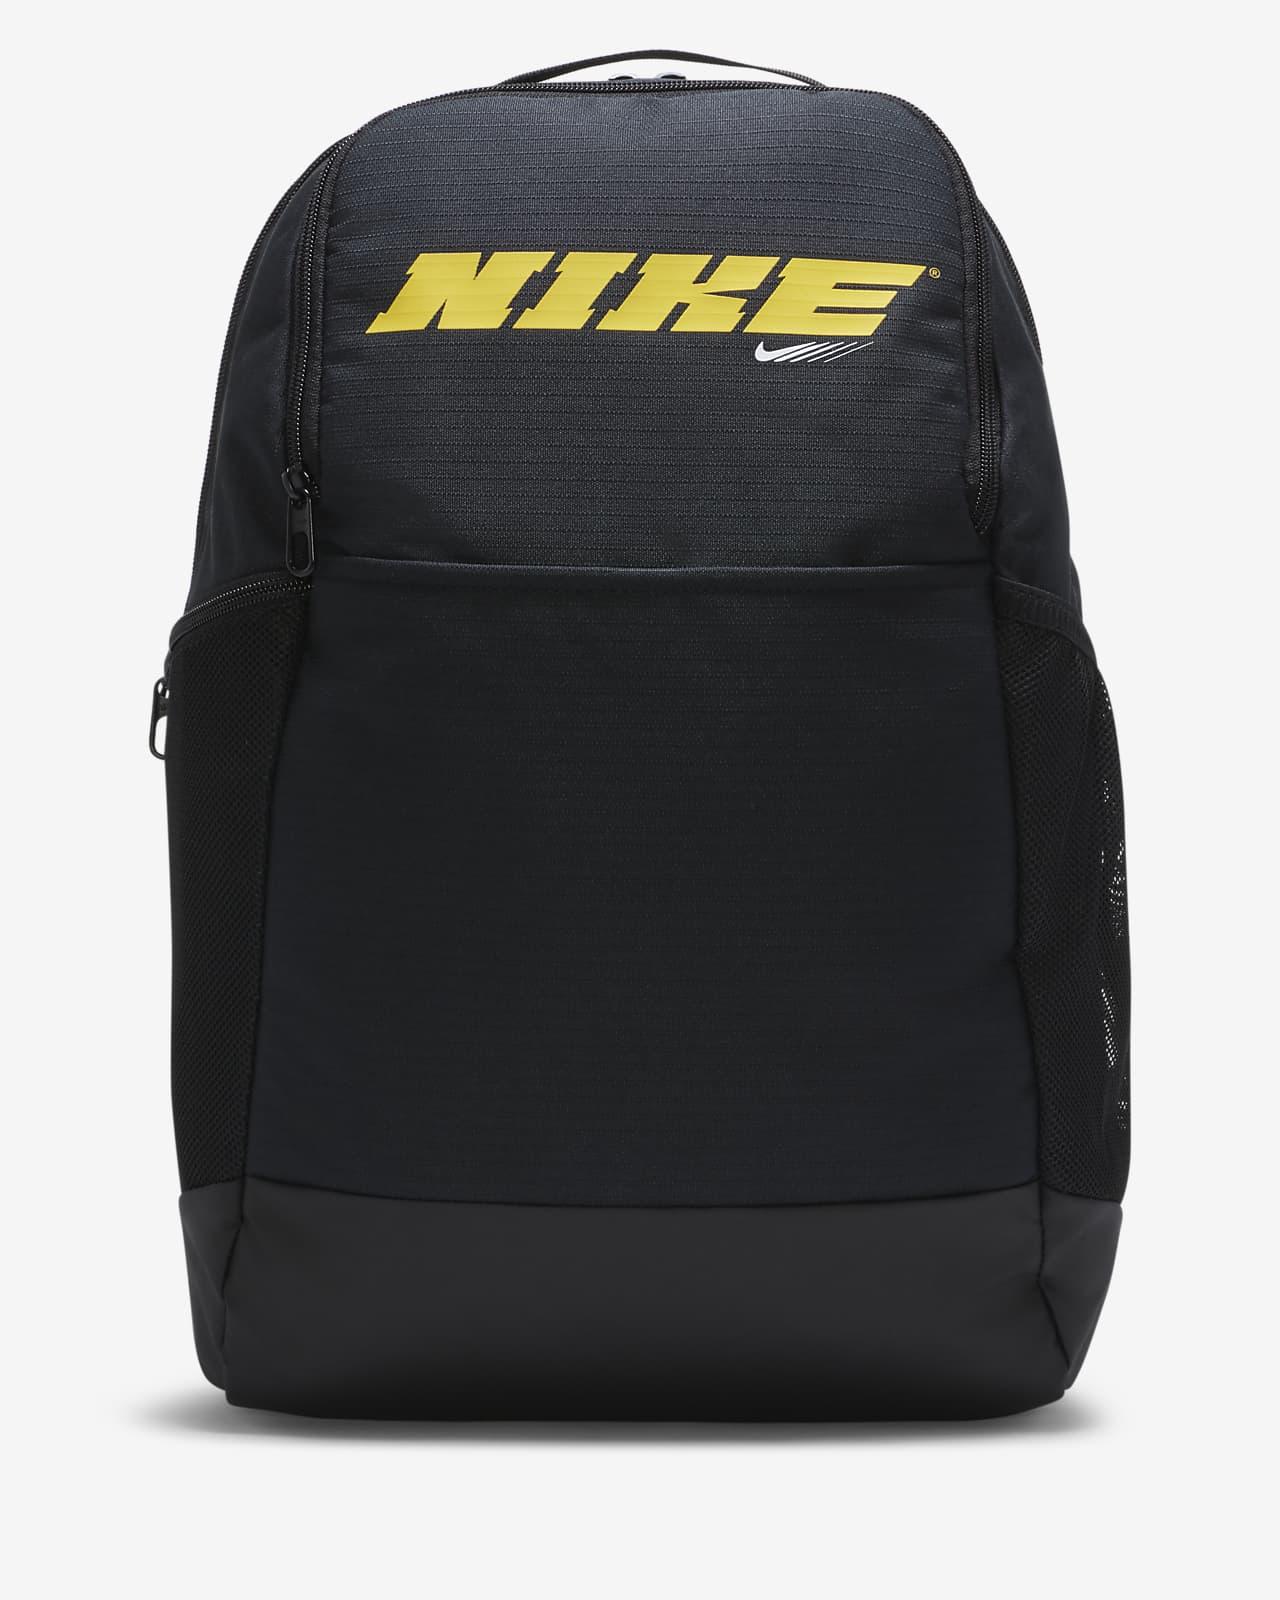 เป้สะพายหลังเทรนนิ่งมีกราฟิก Nike Brasilia (ขนาดกลาง)